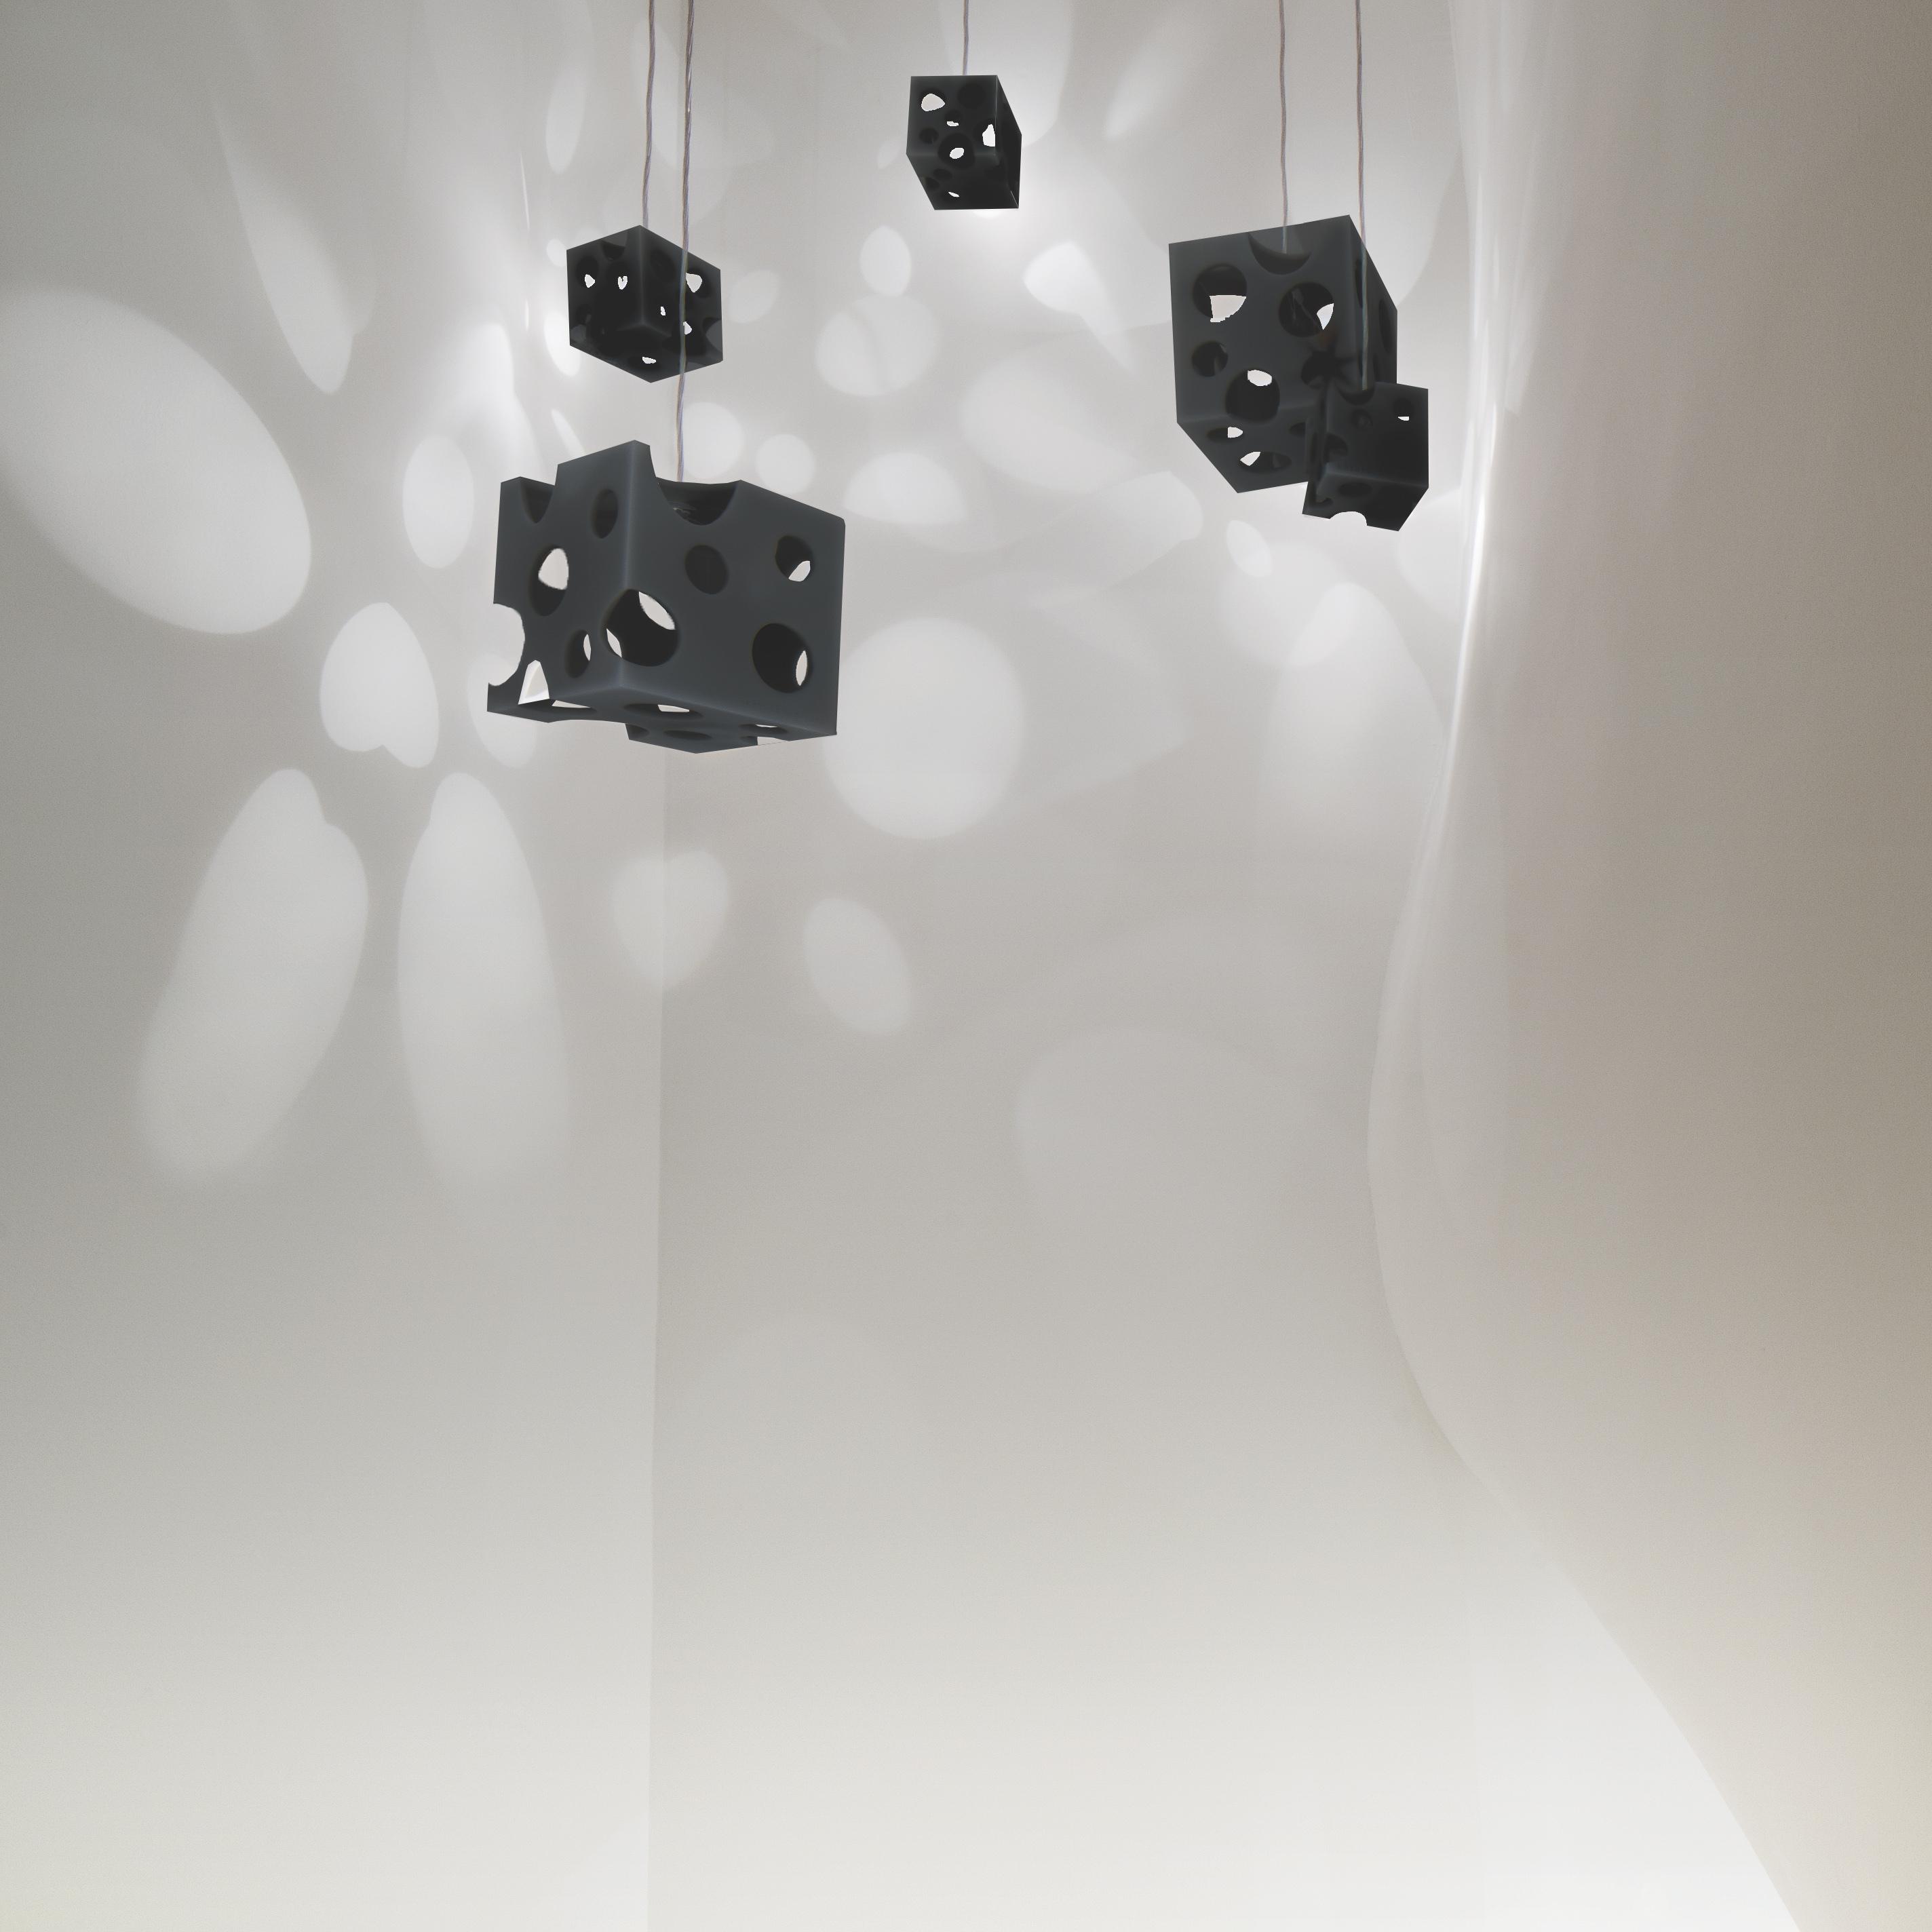 ルミエ・クッペ (黒) - Lumière Coupée (Black)- W300xD300xH300mm